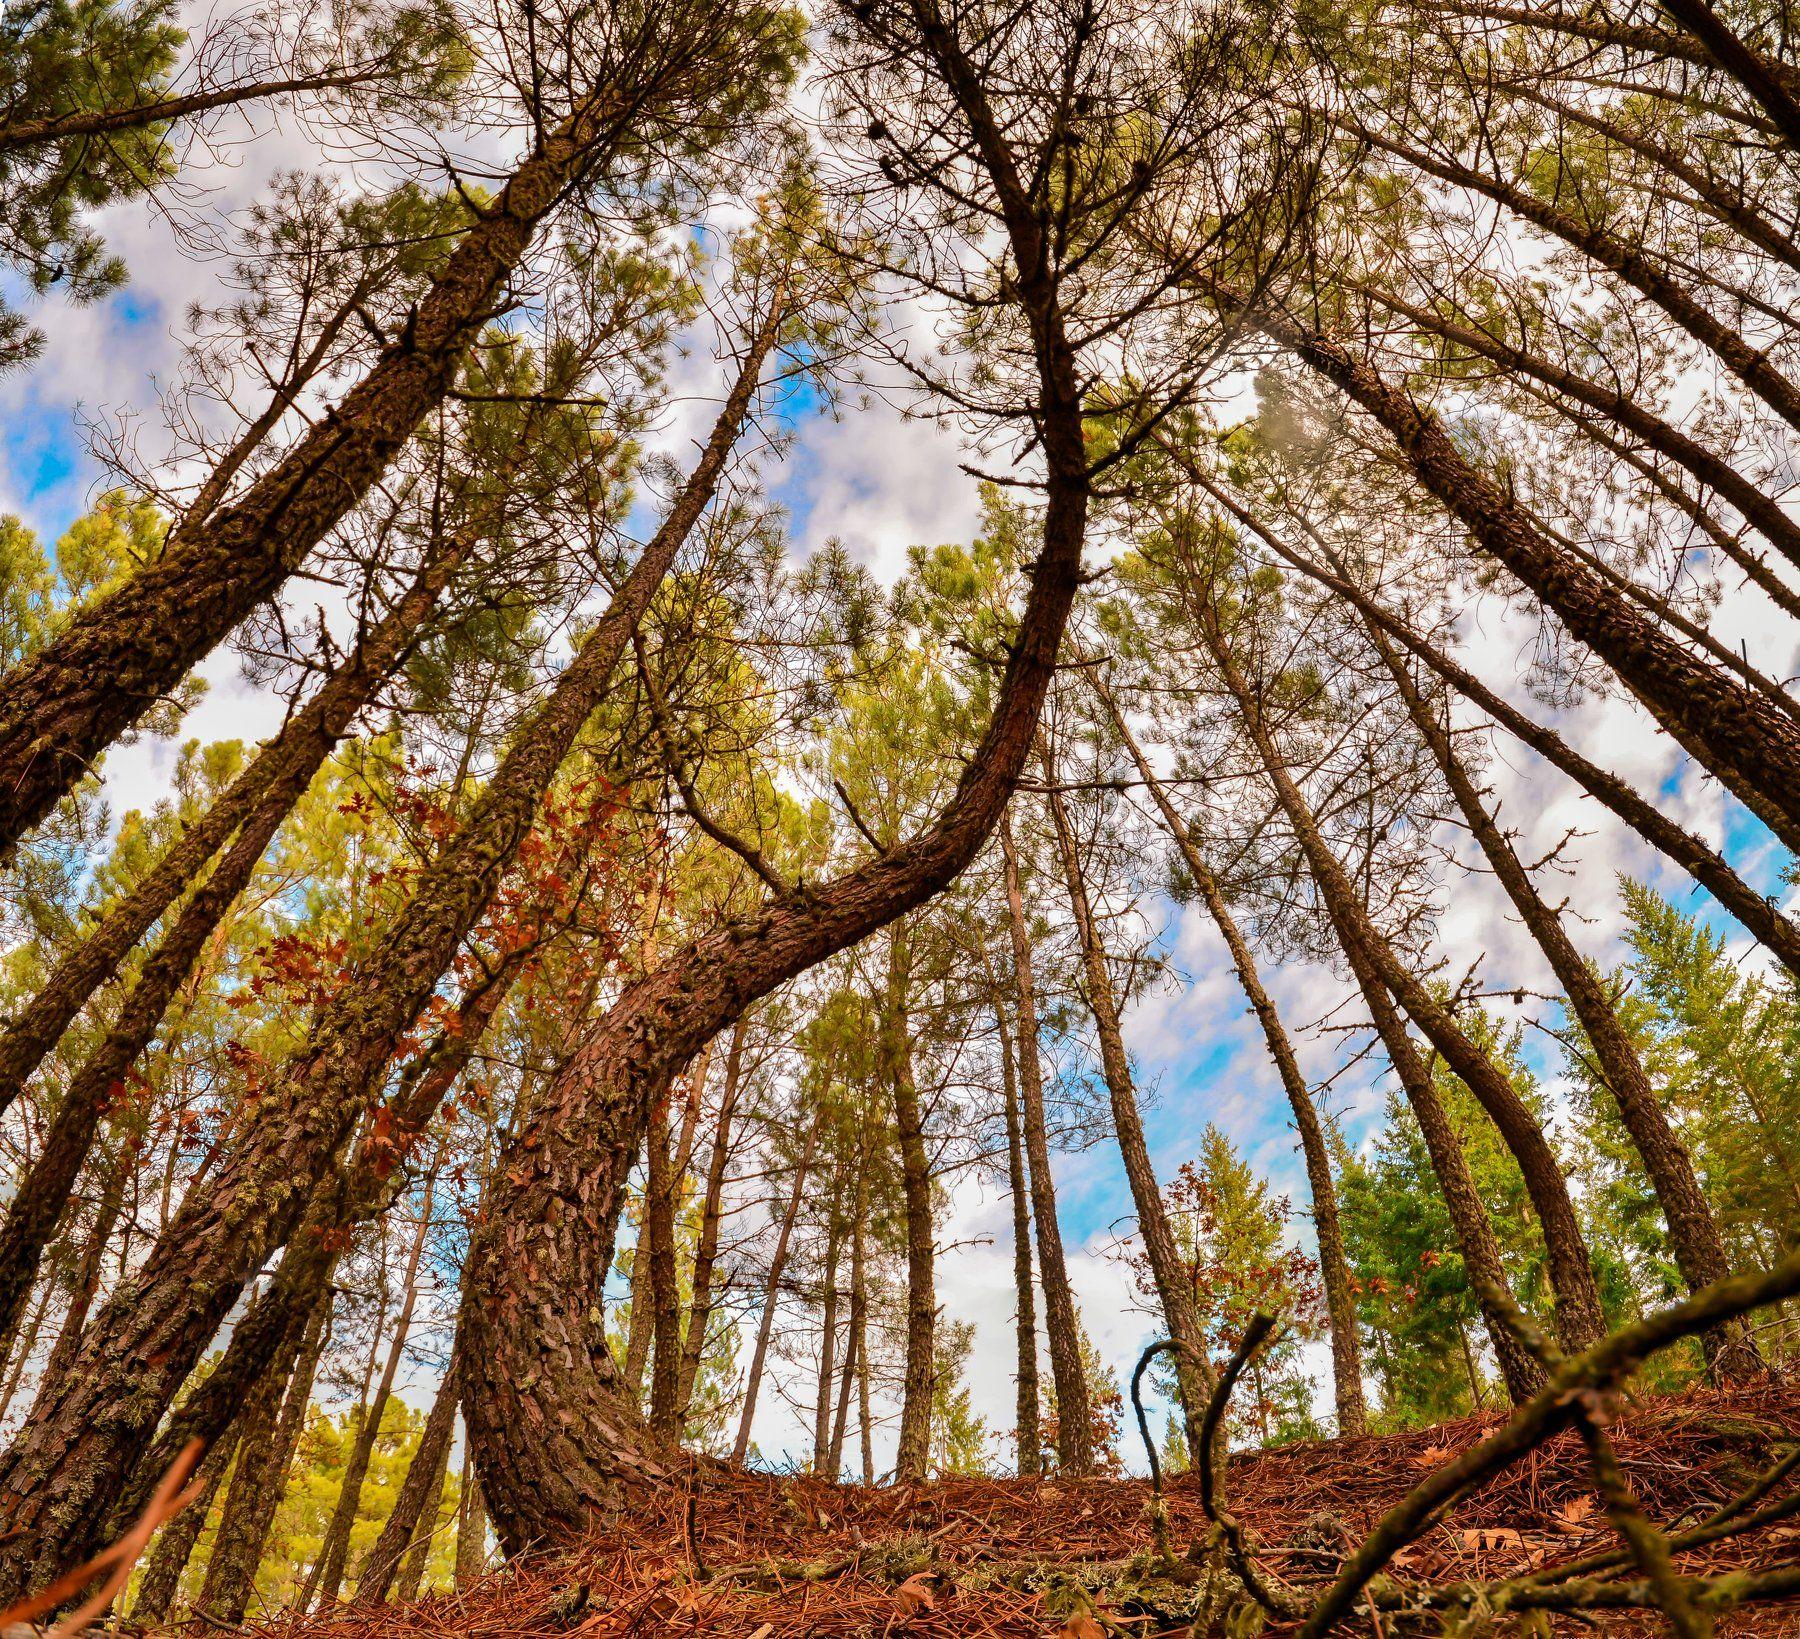 pine, tree, trees, woods, forest, sky, pine, wide angle, panorama, ground, floor, nature, natural, blue sky, Antonio Bernardino